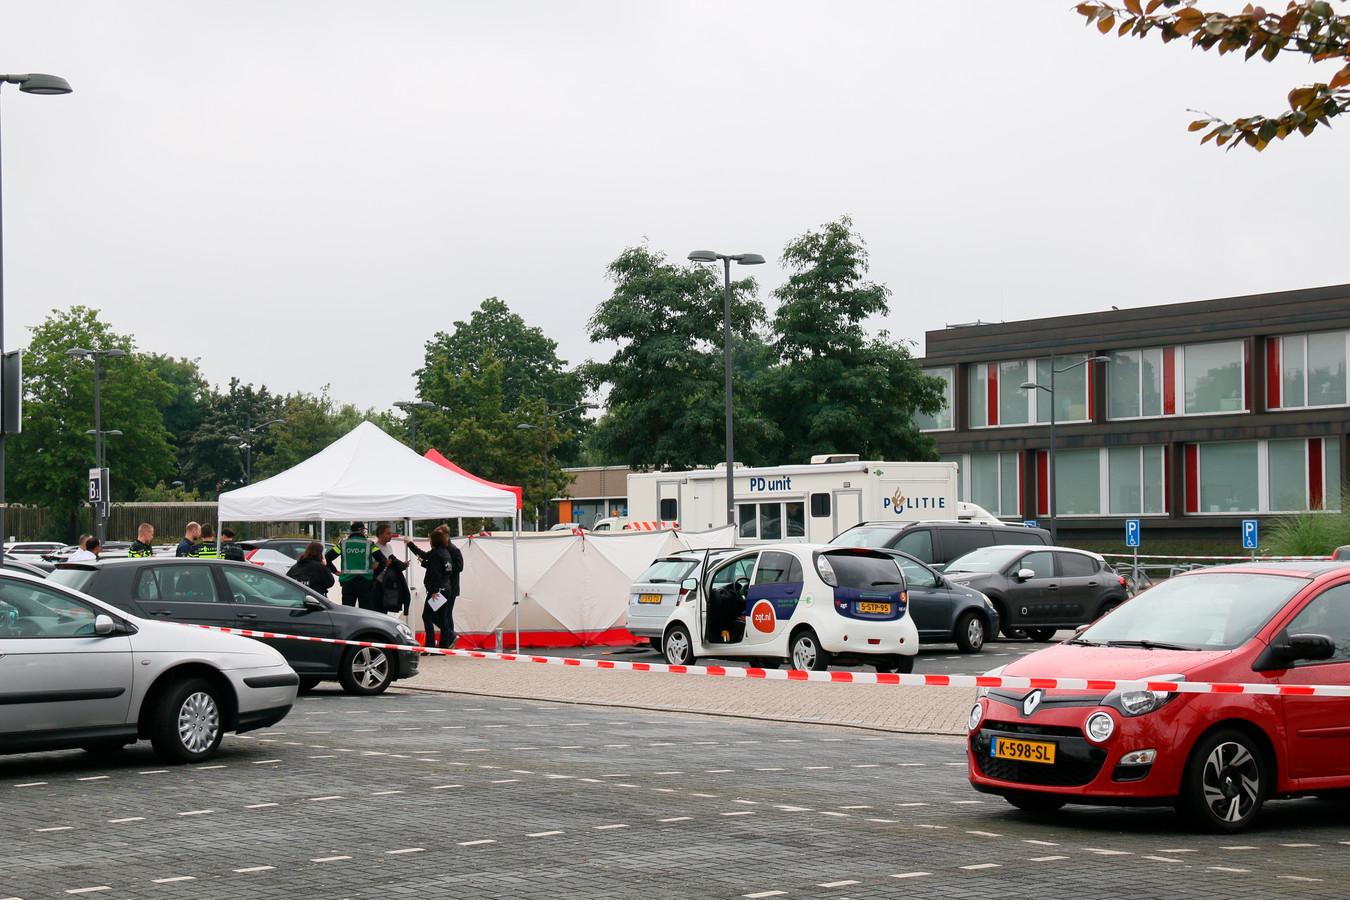 Rood-witte linten, witte schermen en veel politiemensen op de parkeerplaats van het Almelose ziekenhuis.